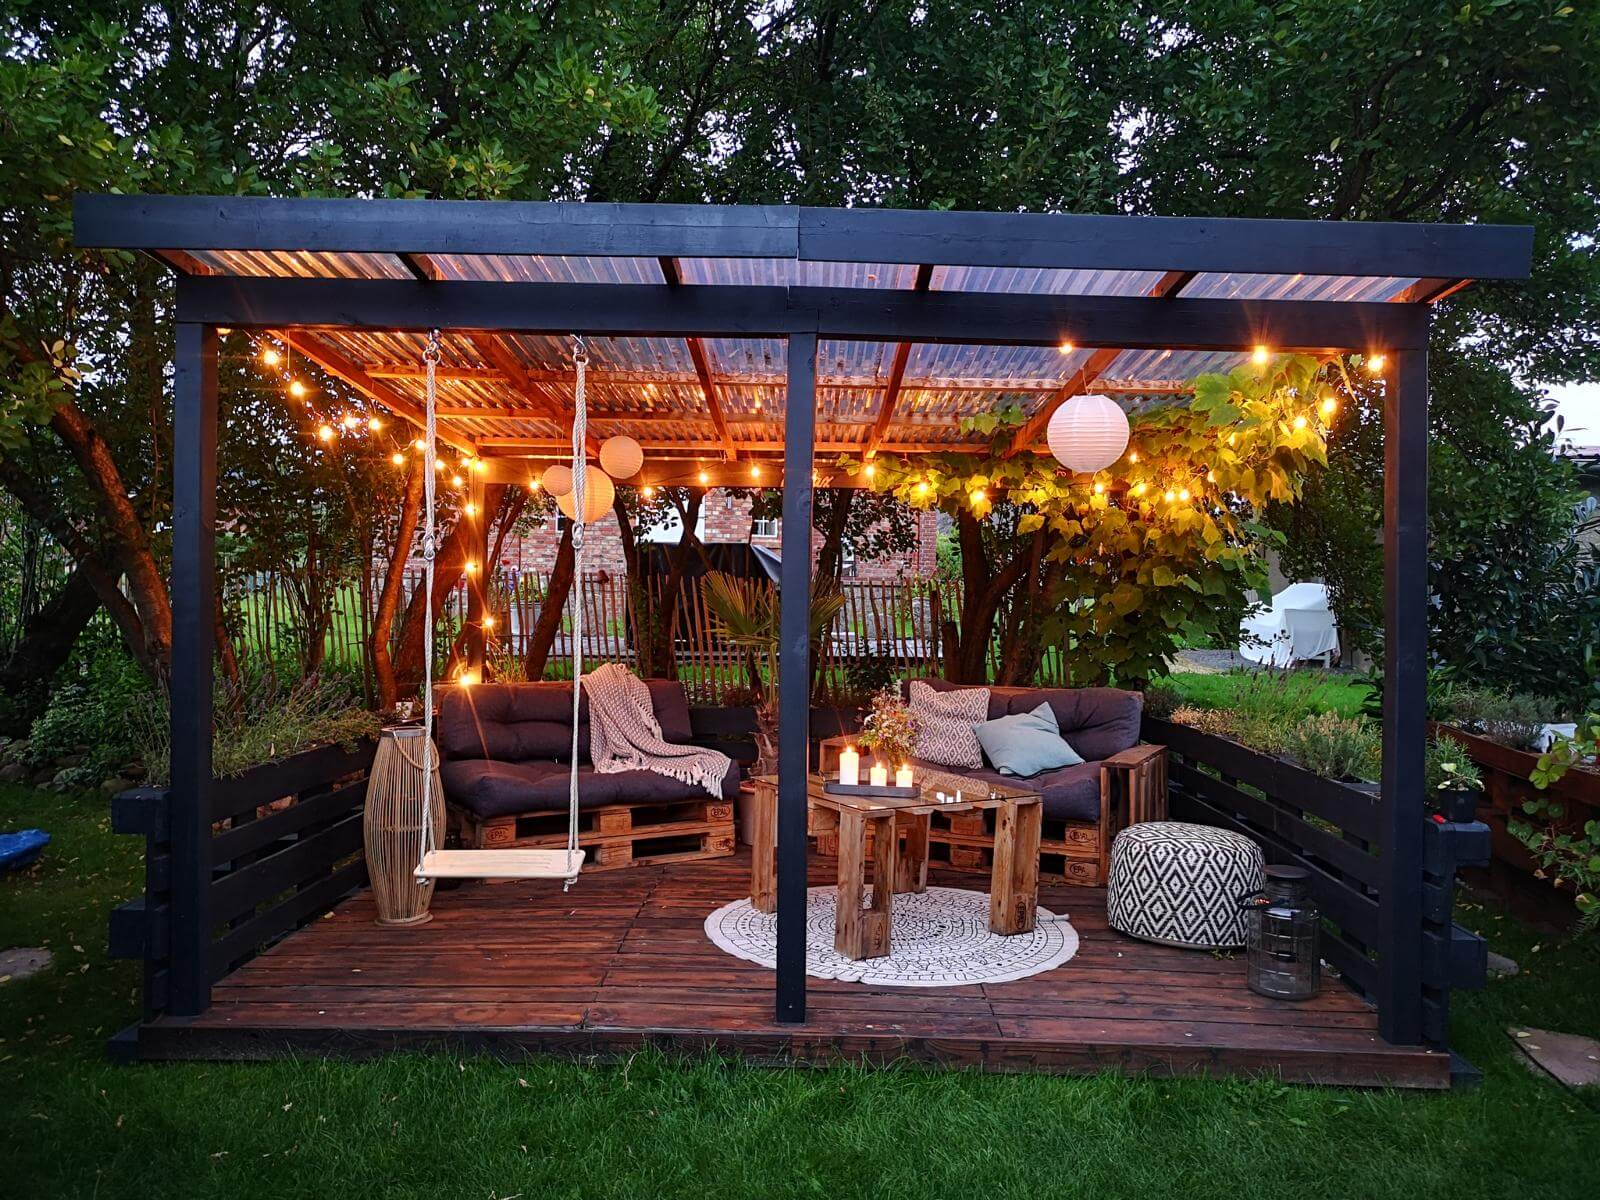 Gartenmöbel aus Paletten - Palettenmöbel Garten